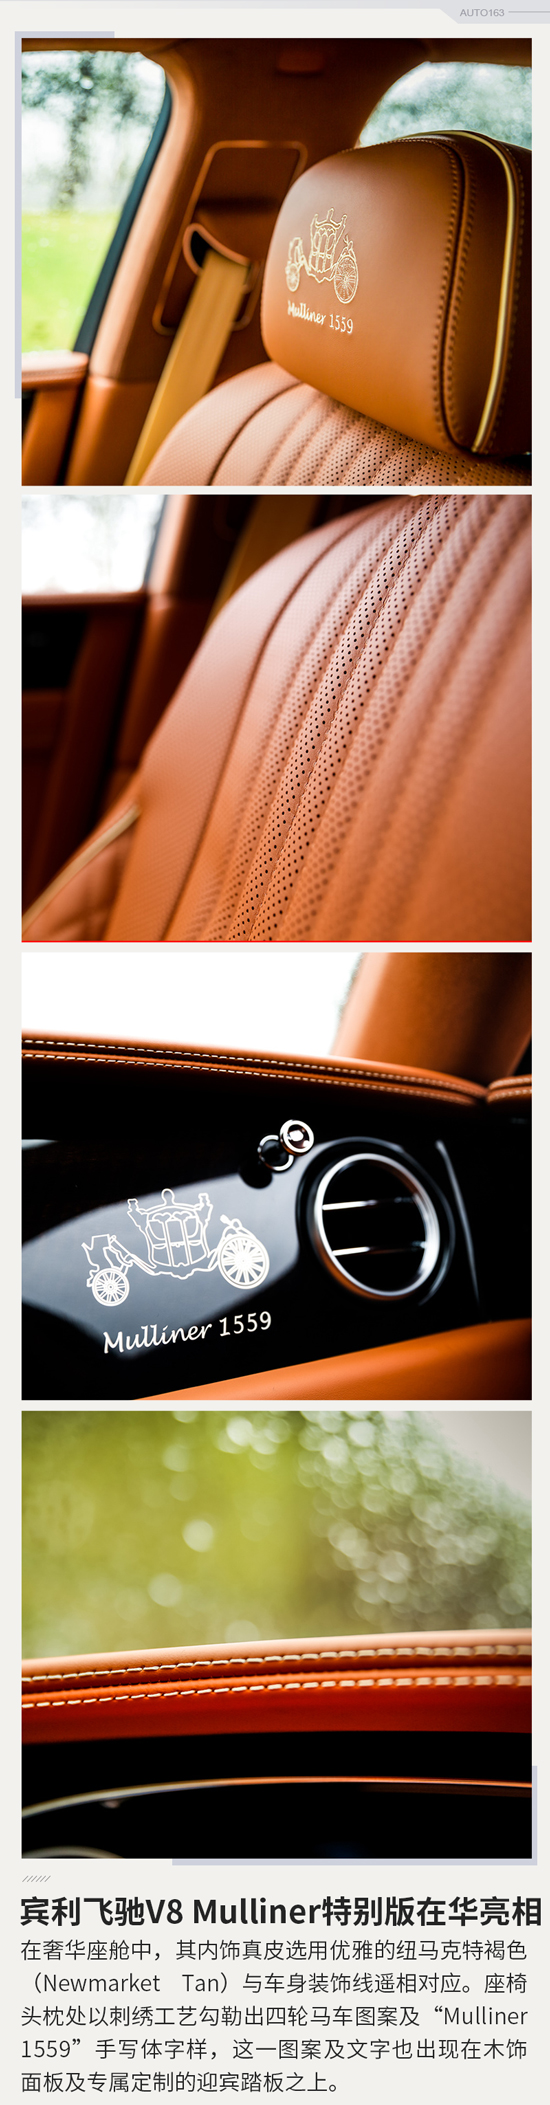 鉴定制之美 宾利飞驰V8 Mulliner特别版在华亮相